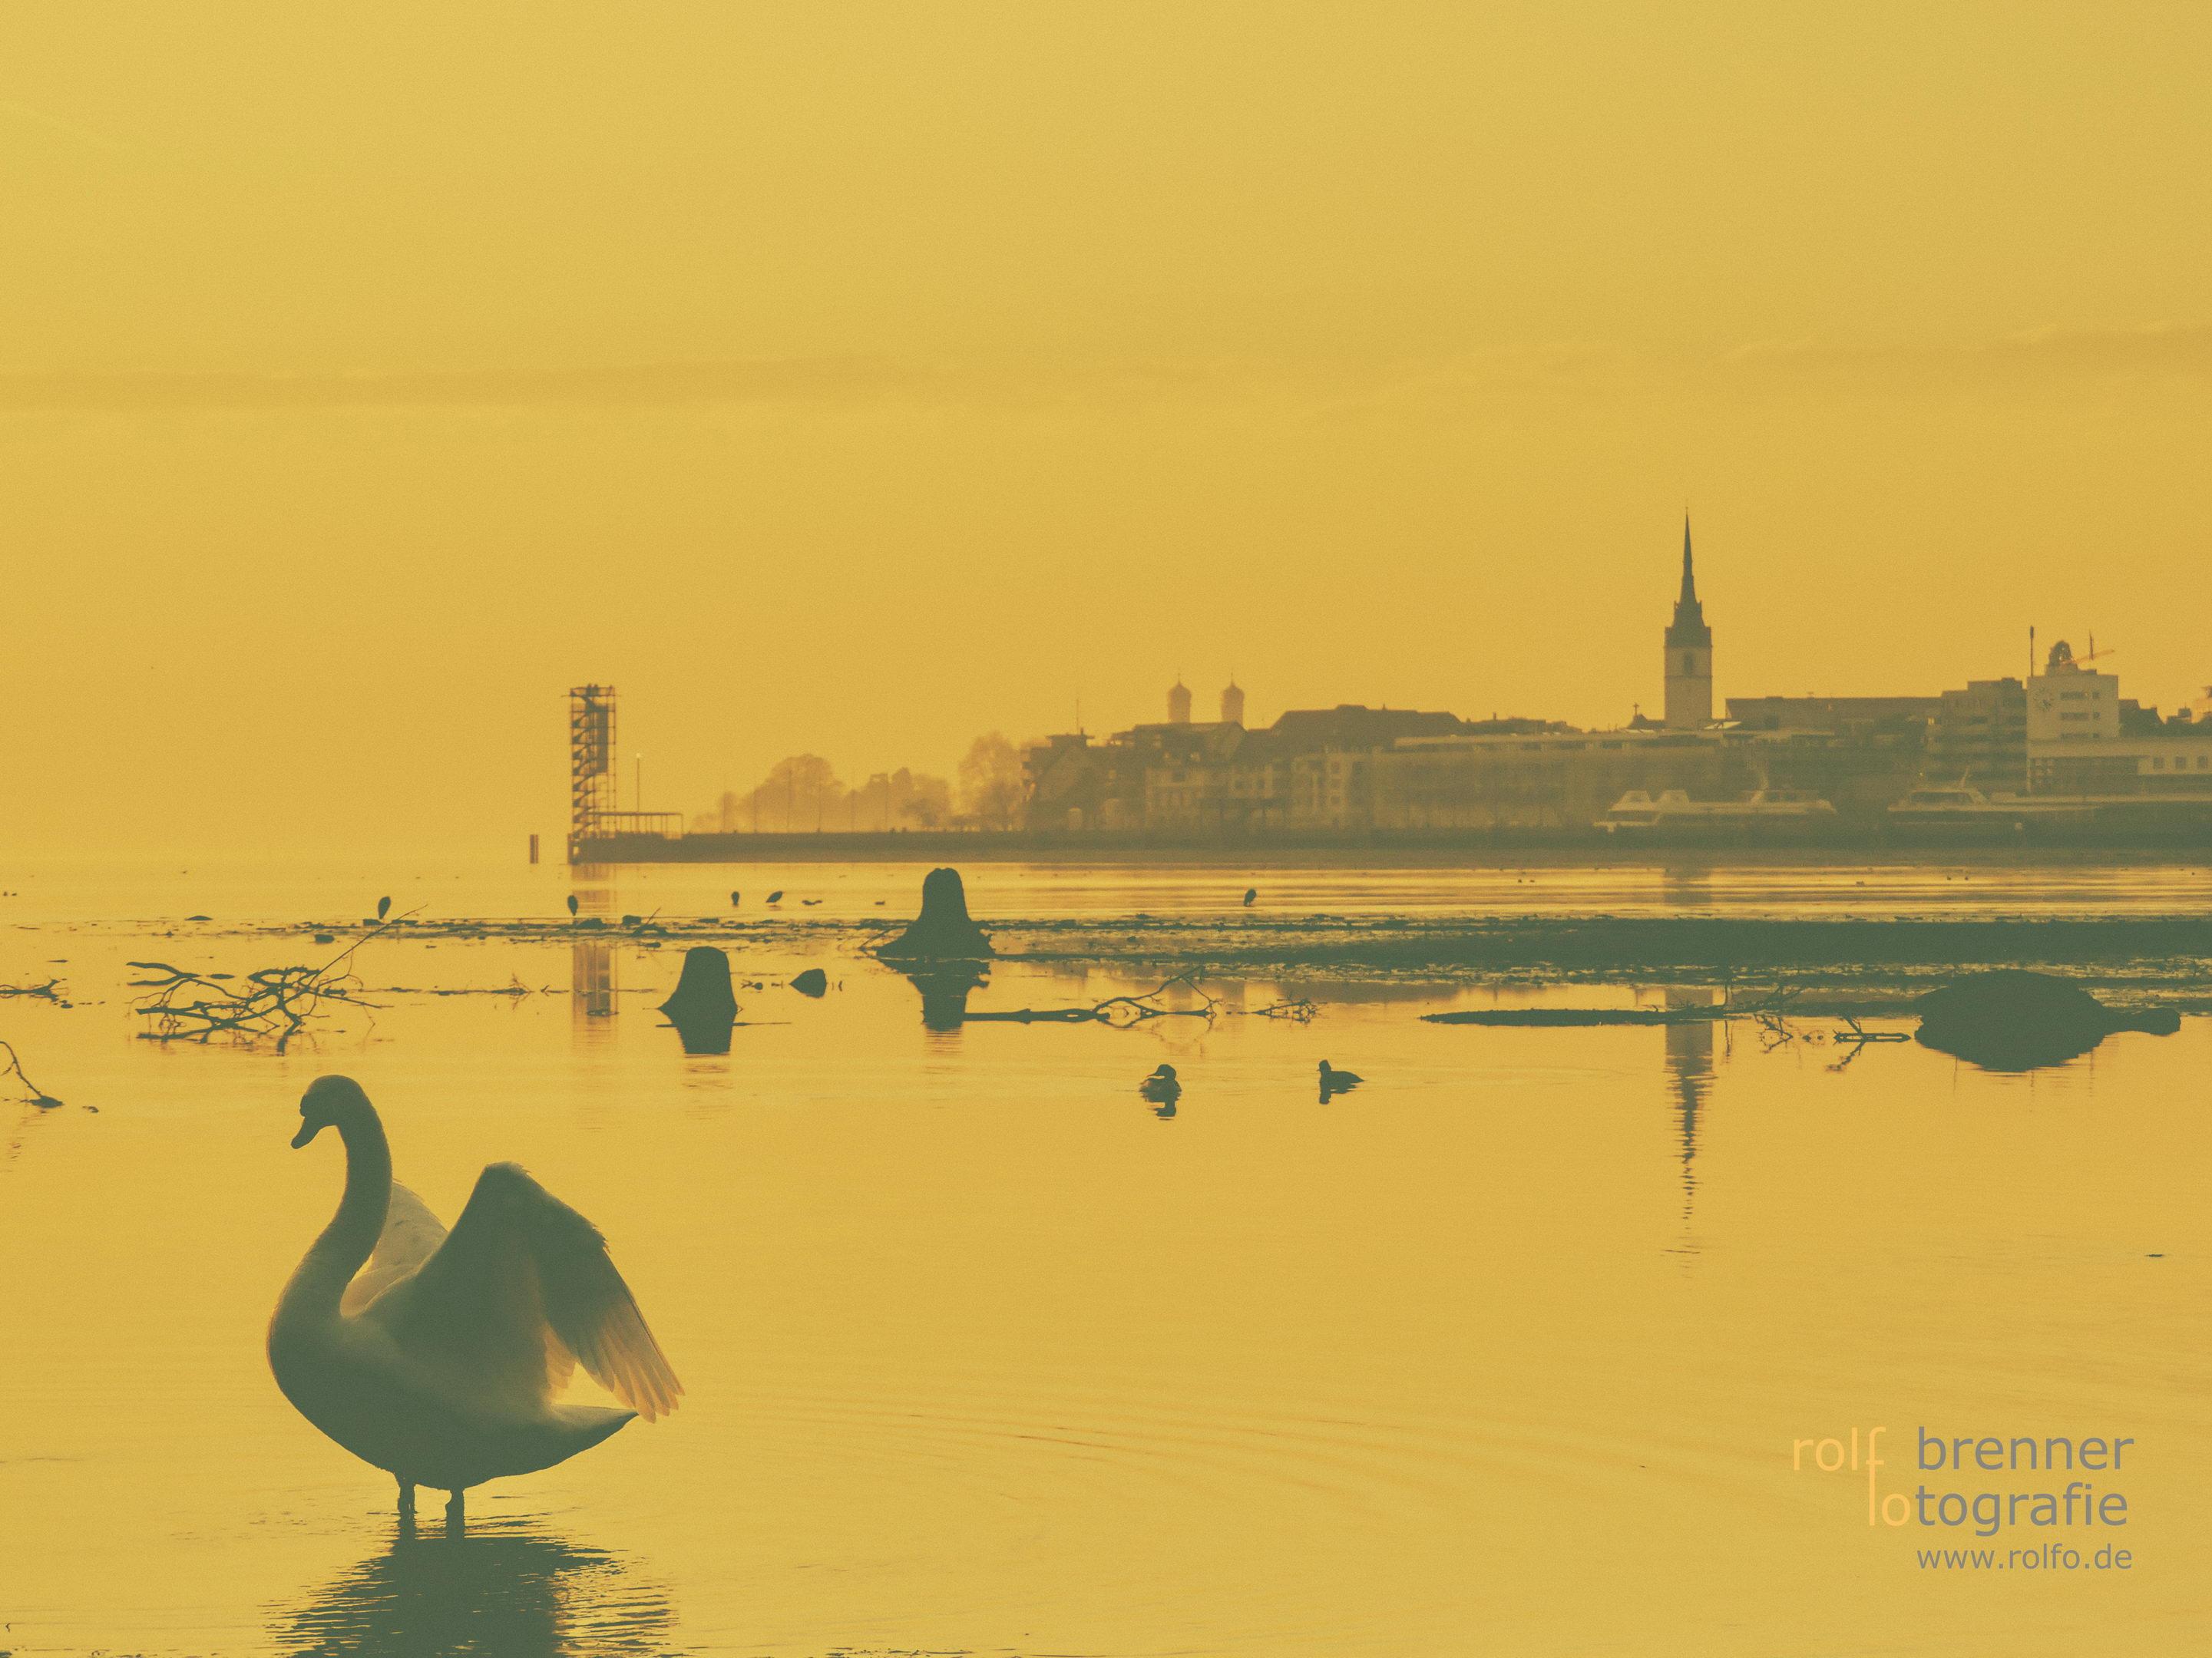 Schwan wacht vor Friedrichshafen